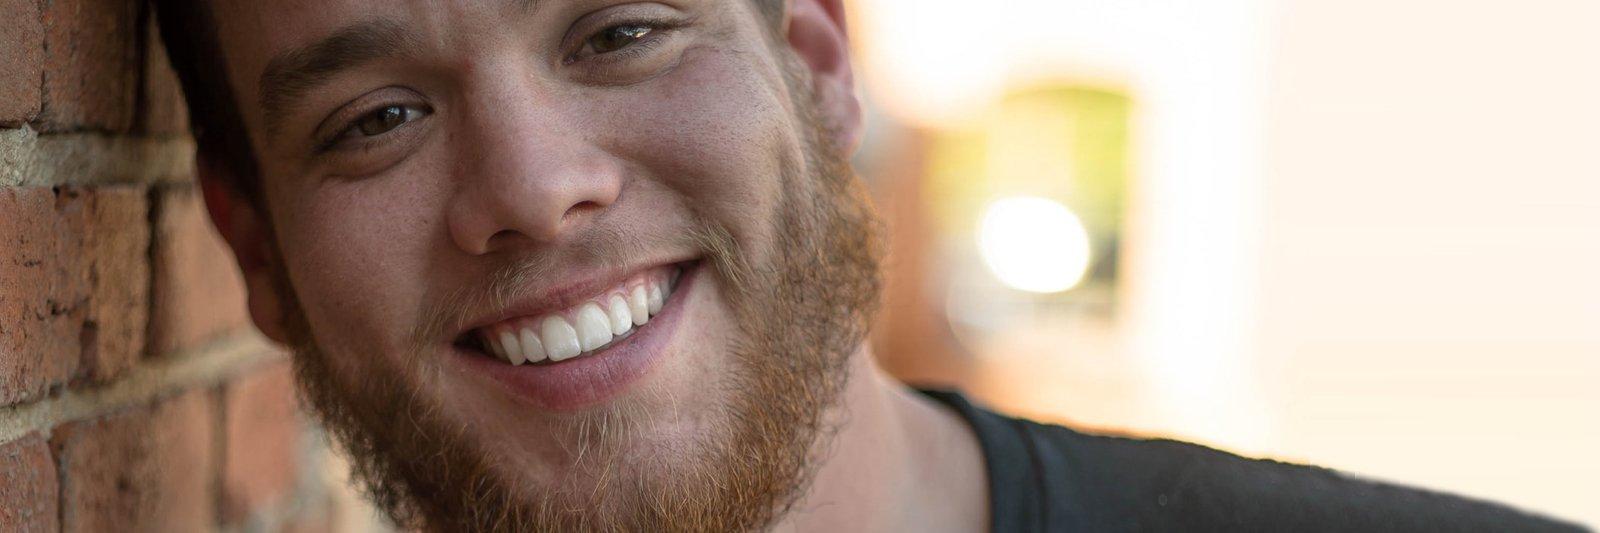 Typer af tandbehandling og tandsygdomme